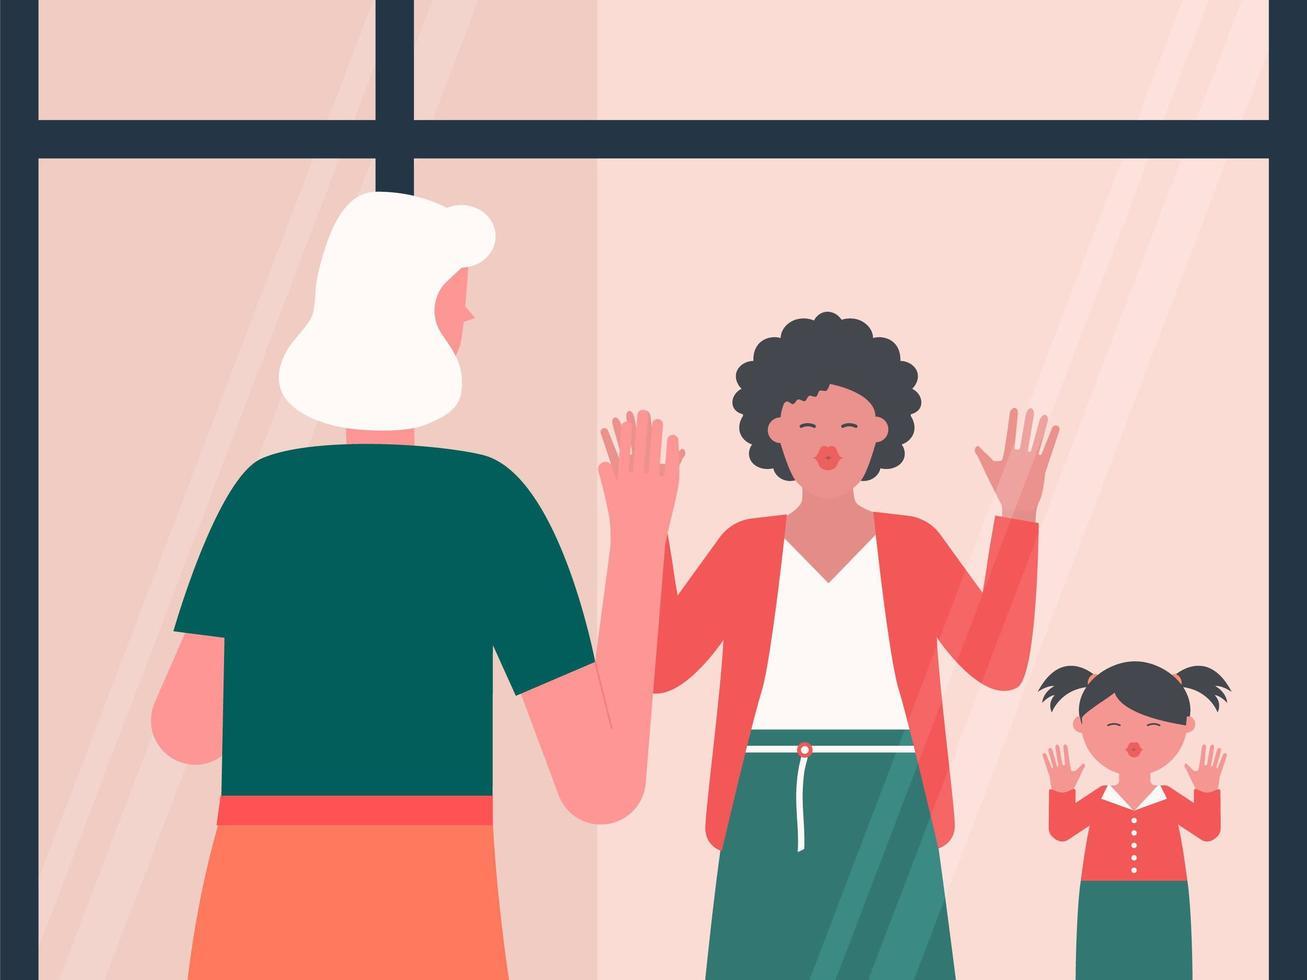 grand-mère souffle des baisers à la famille par la fenêtre vecteur